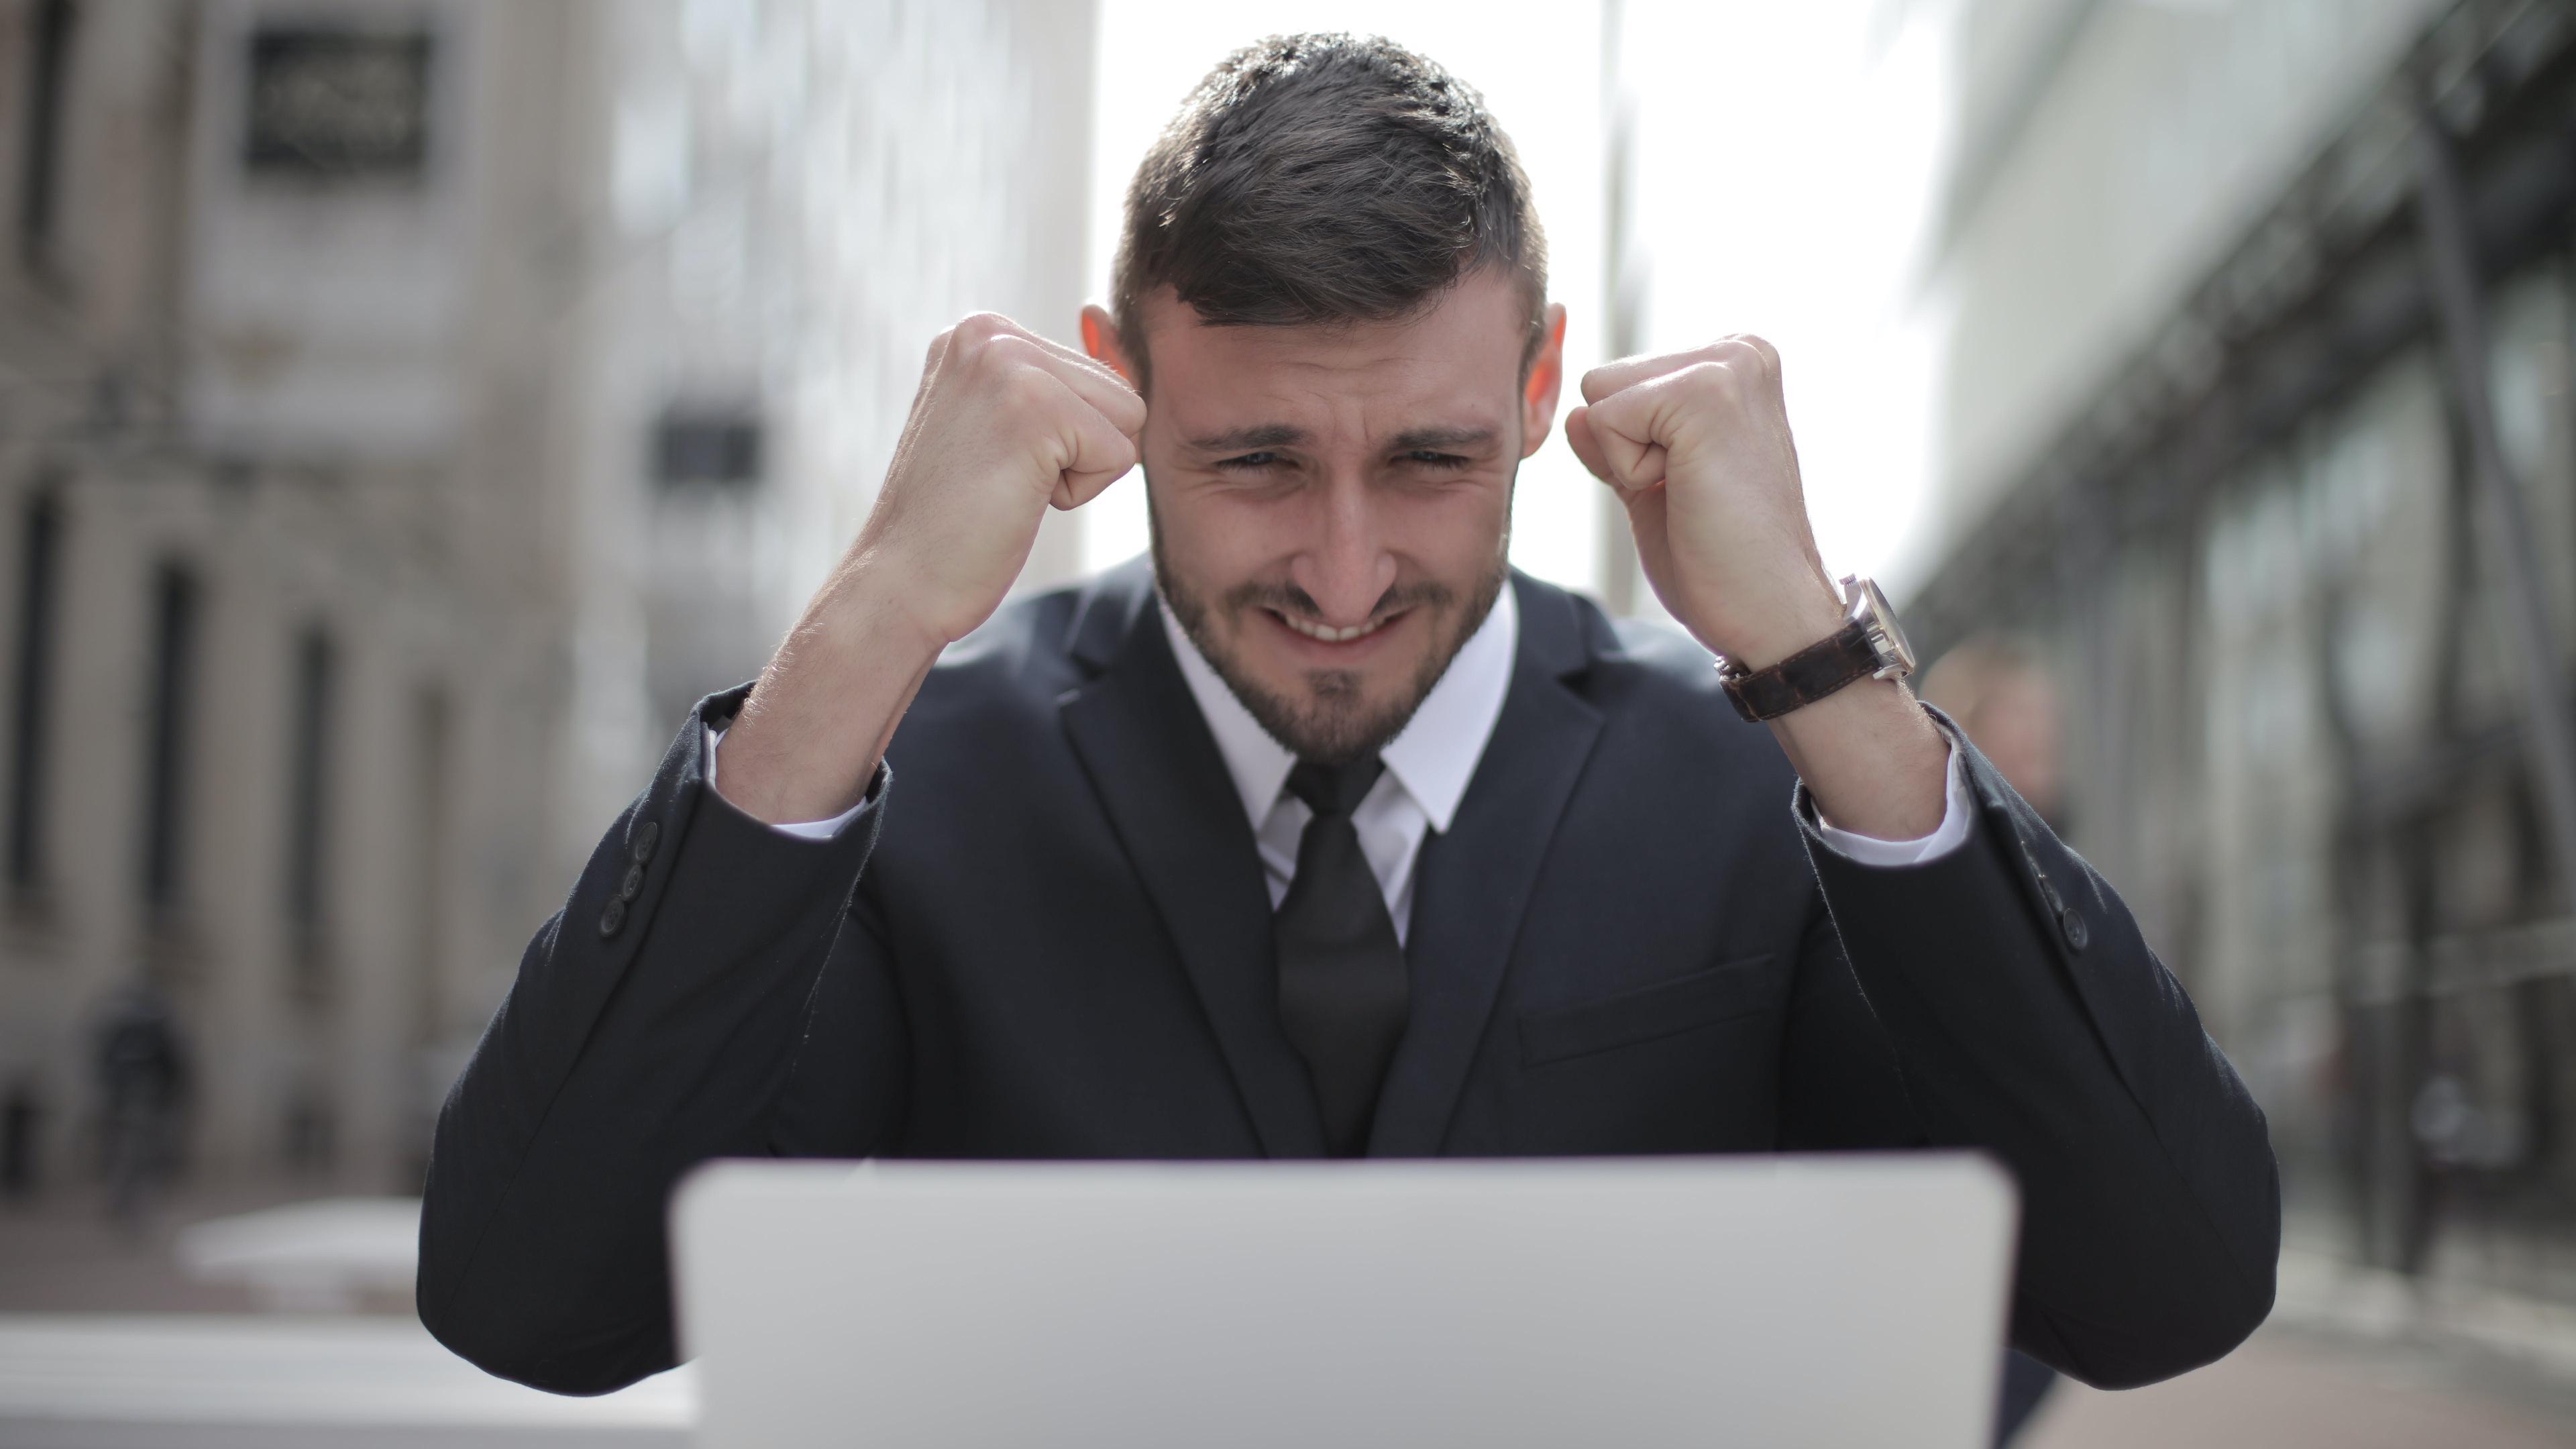 Влияет ли уровень тестостерона на успех в жизни?